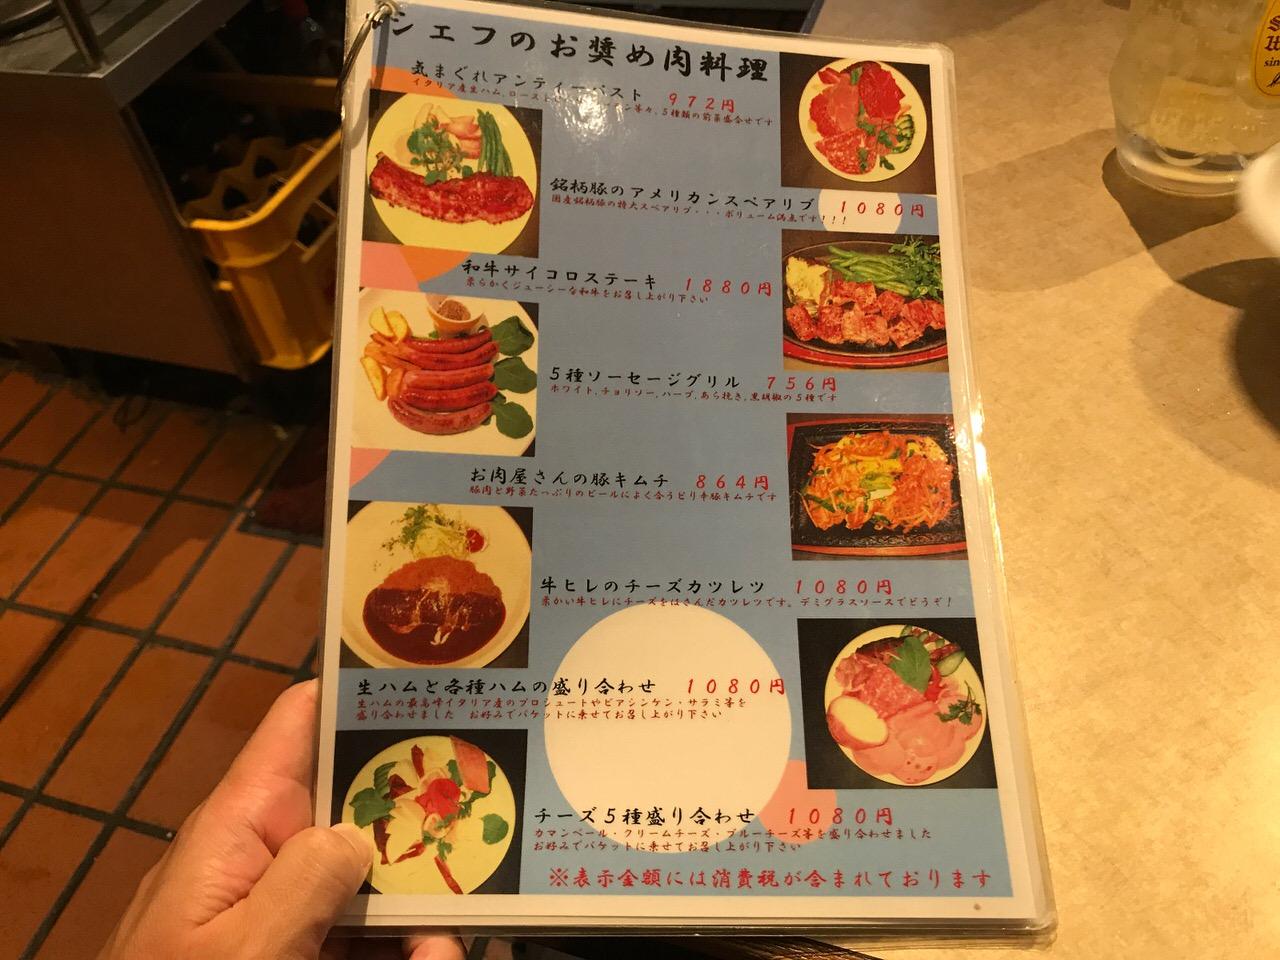 Ooyama 0109170706